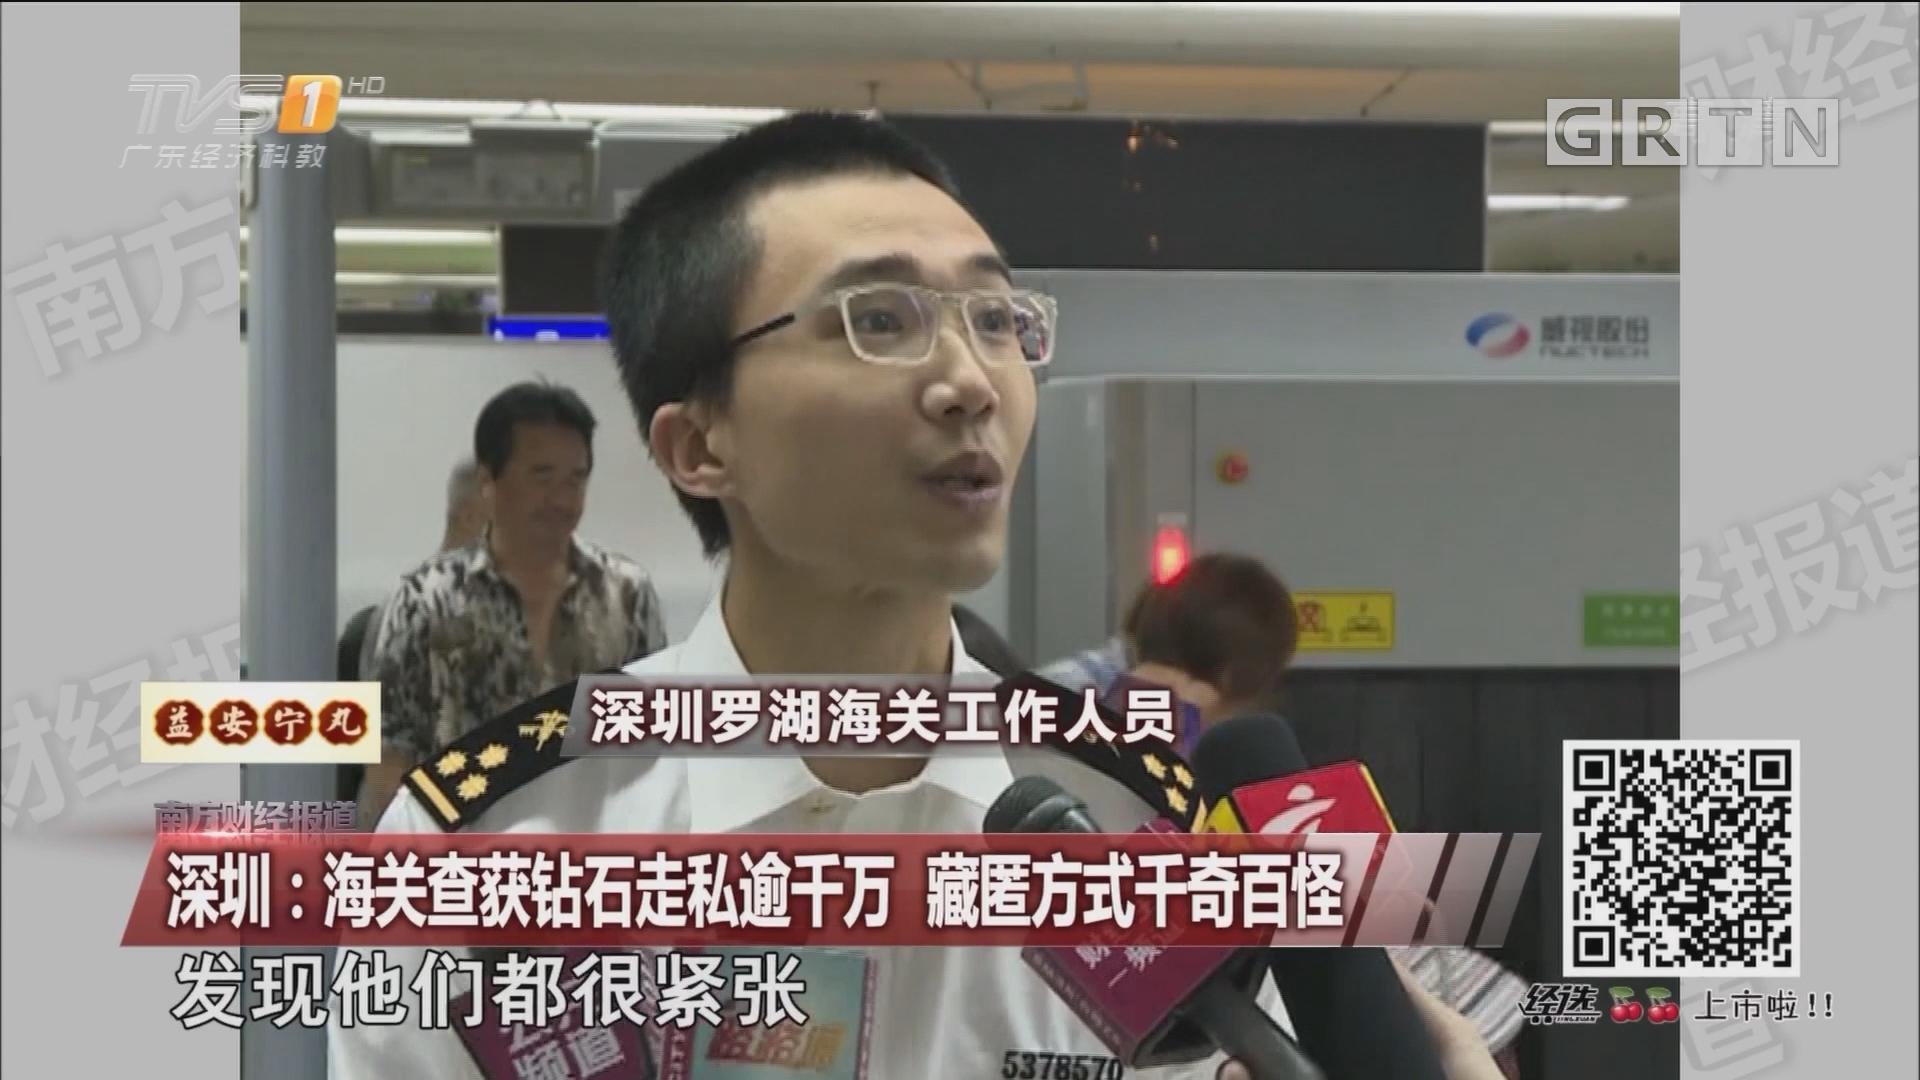 深圳:海关查获钻石走私逾千万 藏匿方式千奇百怪